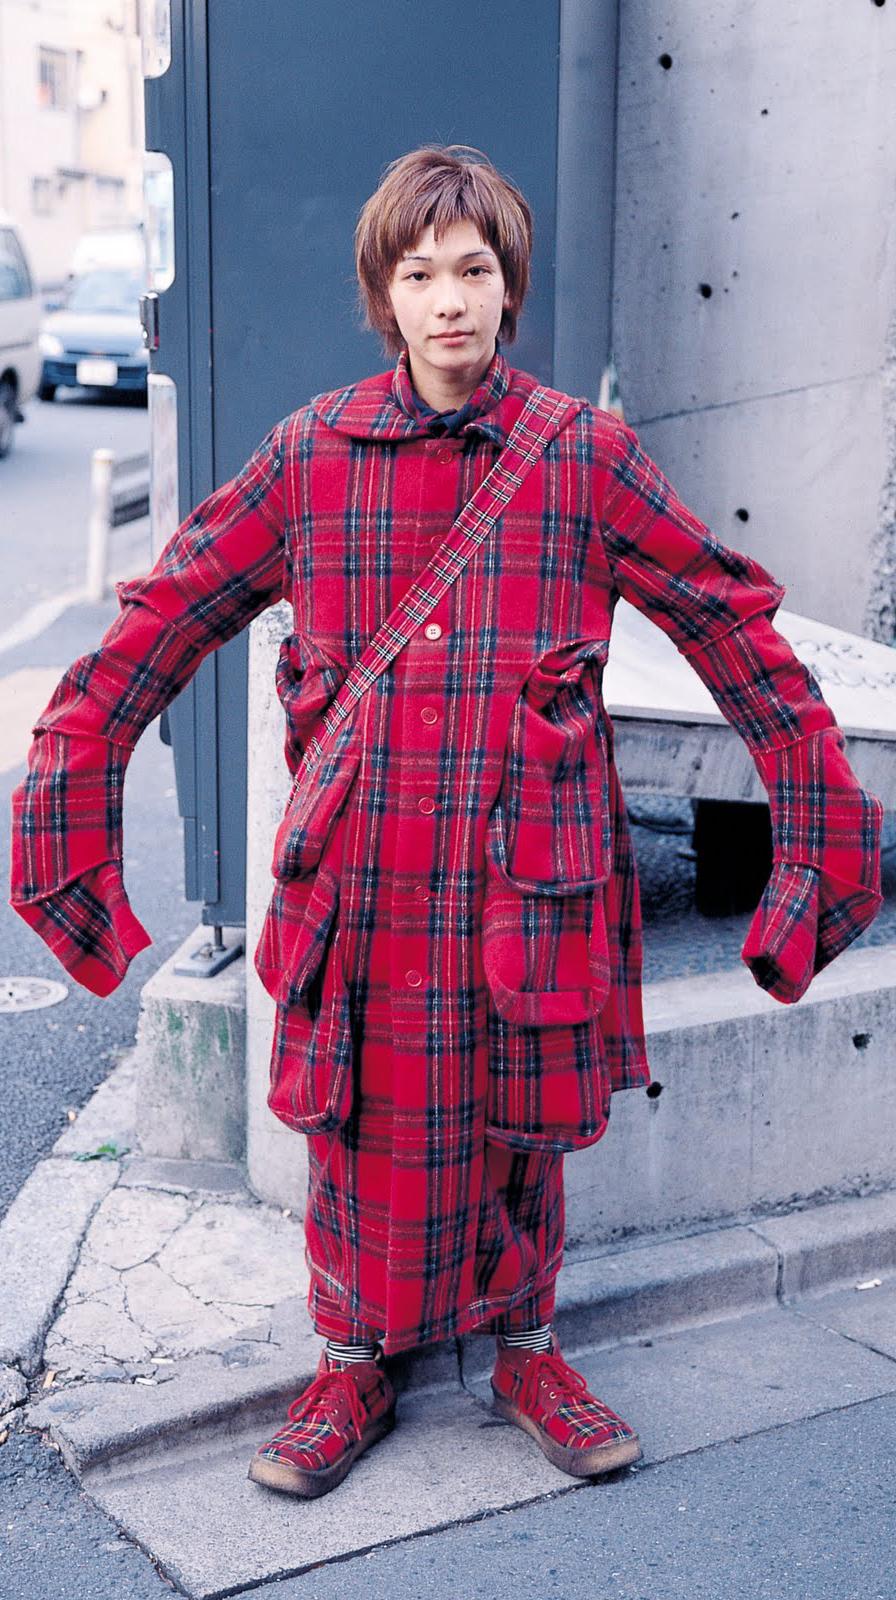 Lepetitrobert Harajuku Fashion Walk Japanese Street Style